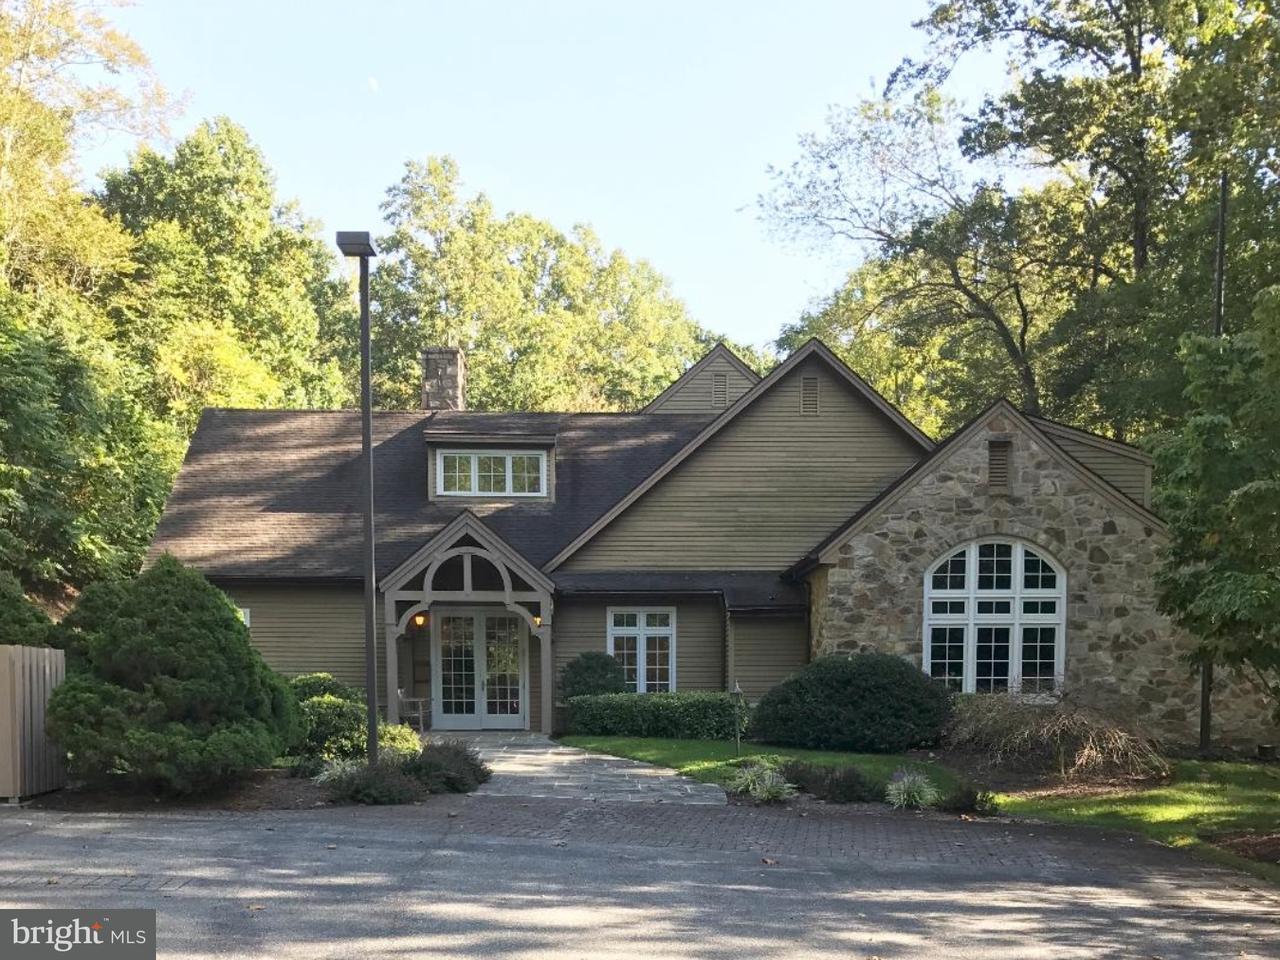 独户住宅 为 销售 在 116 QUARRY Road 科茨威尔, 宾夕法尼亚州 19320 美国